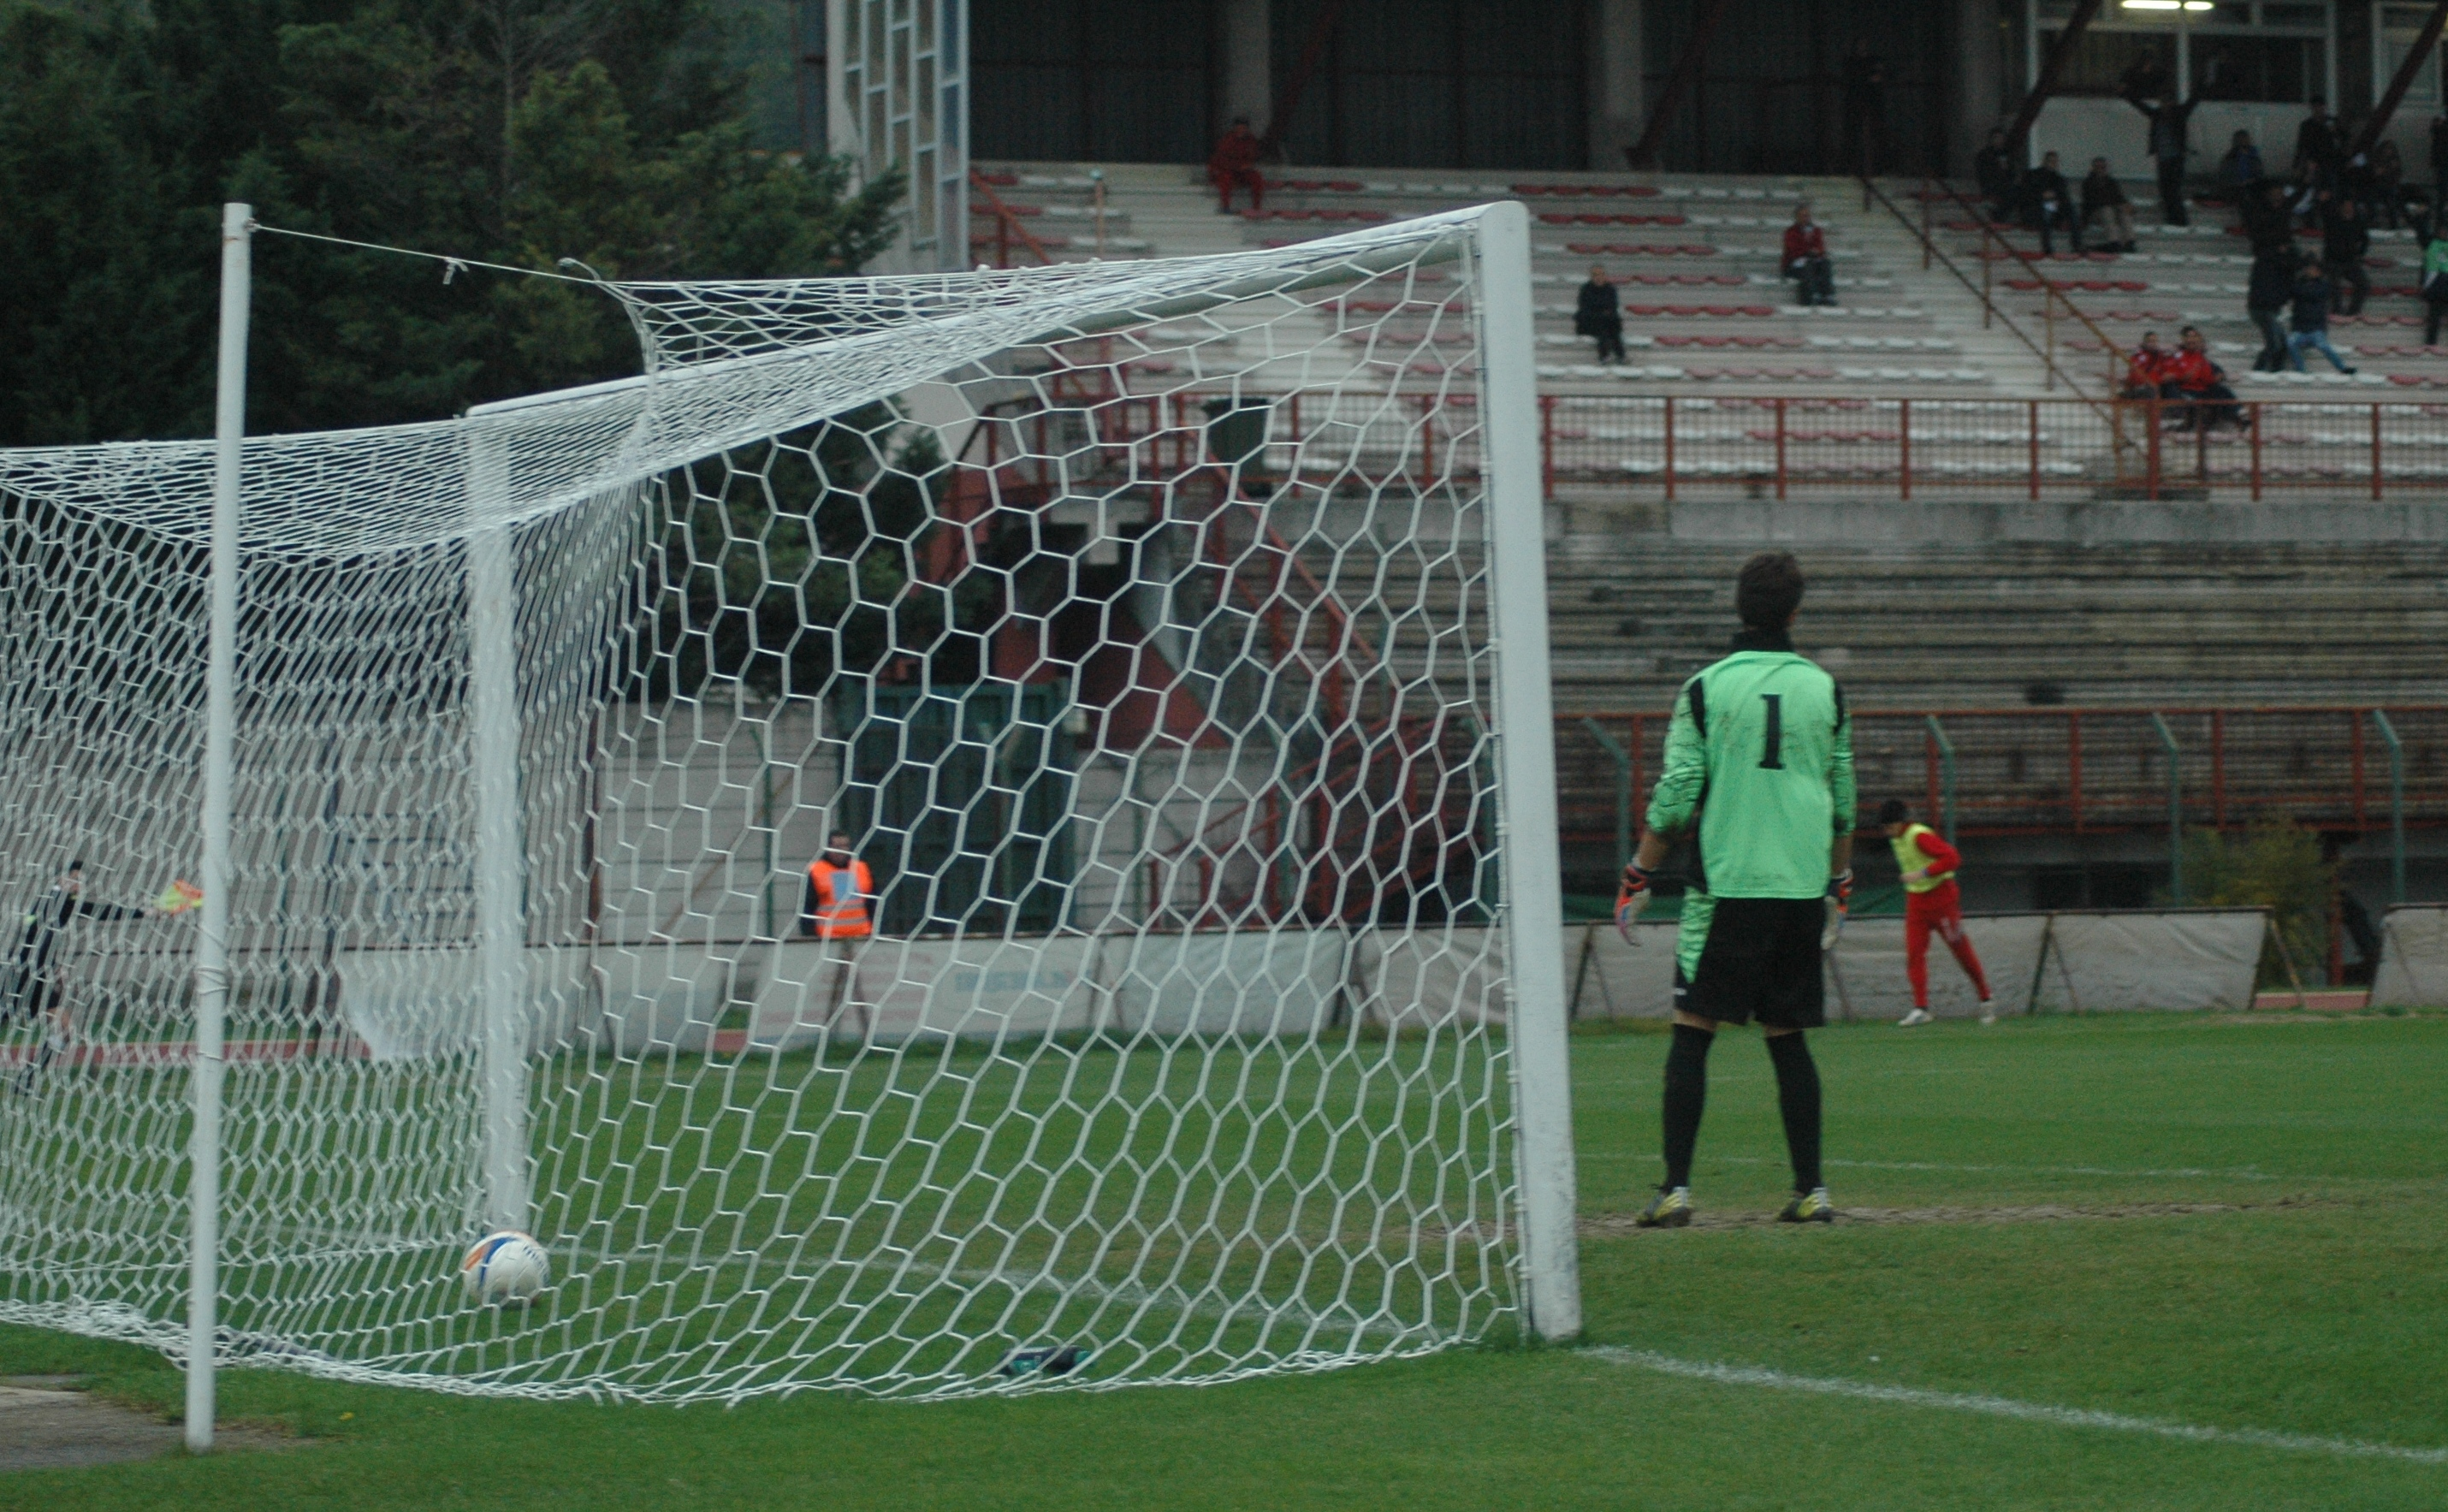 Samb-Ancona, la palla è in rete, gol di Napolano 2 a 1 (GIAMMUSSO)